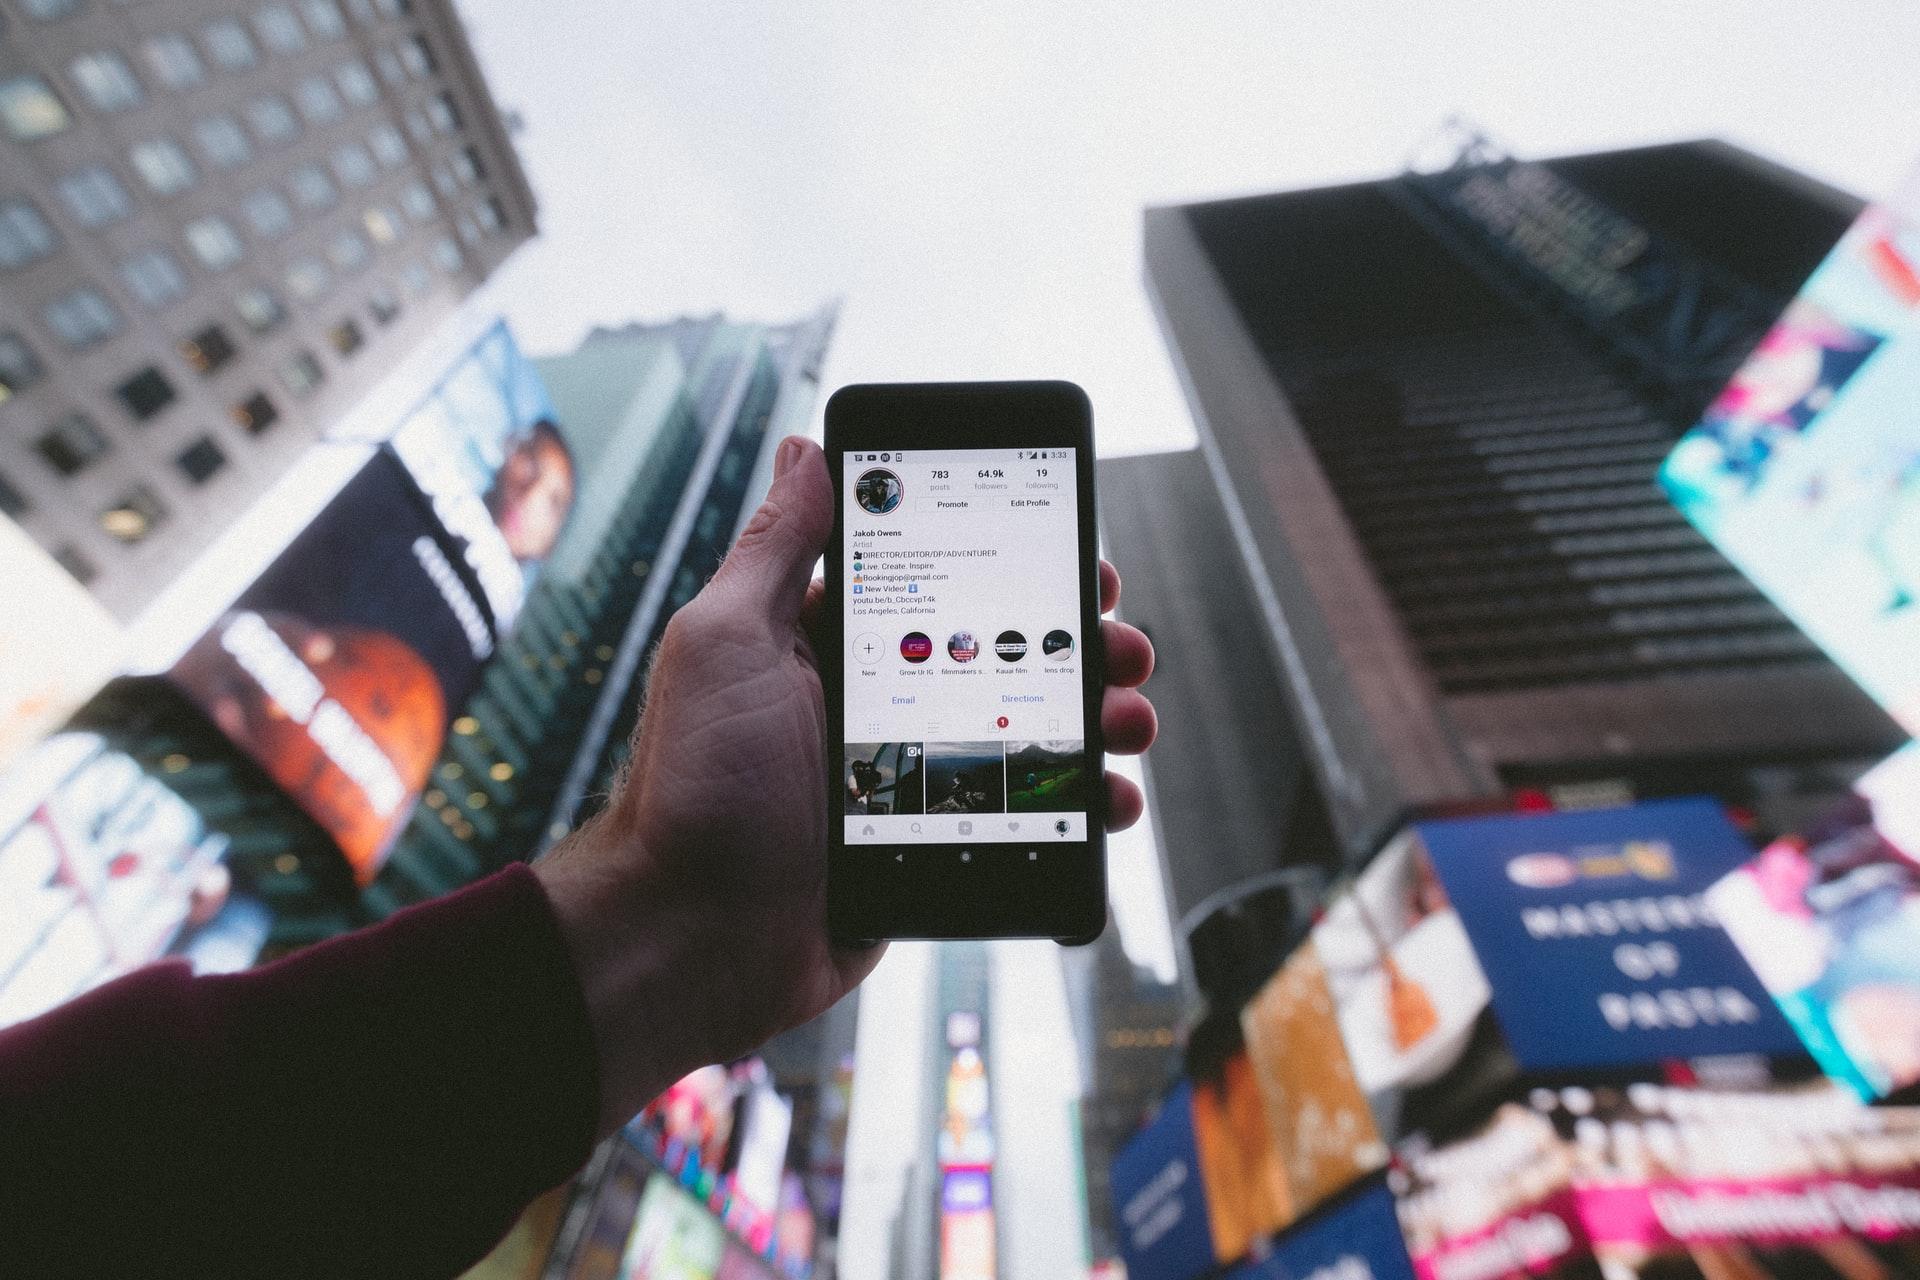 Der Preis für die wichtigsten News dieser Woche gehen an: Instagram, Google und LinkedIn